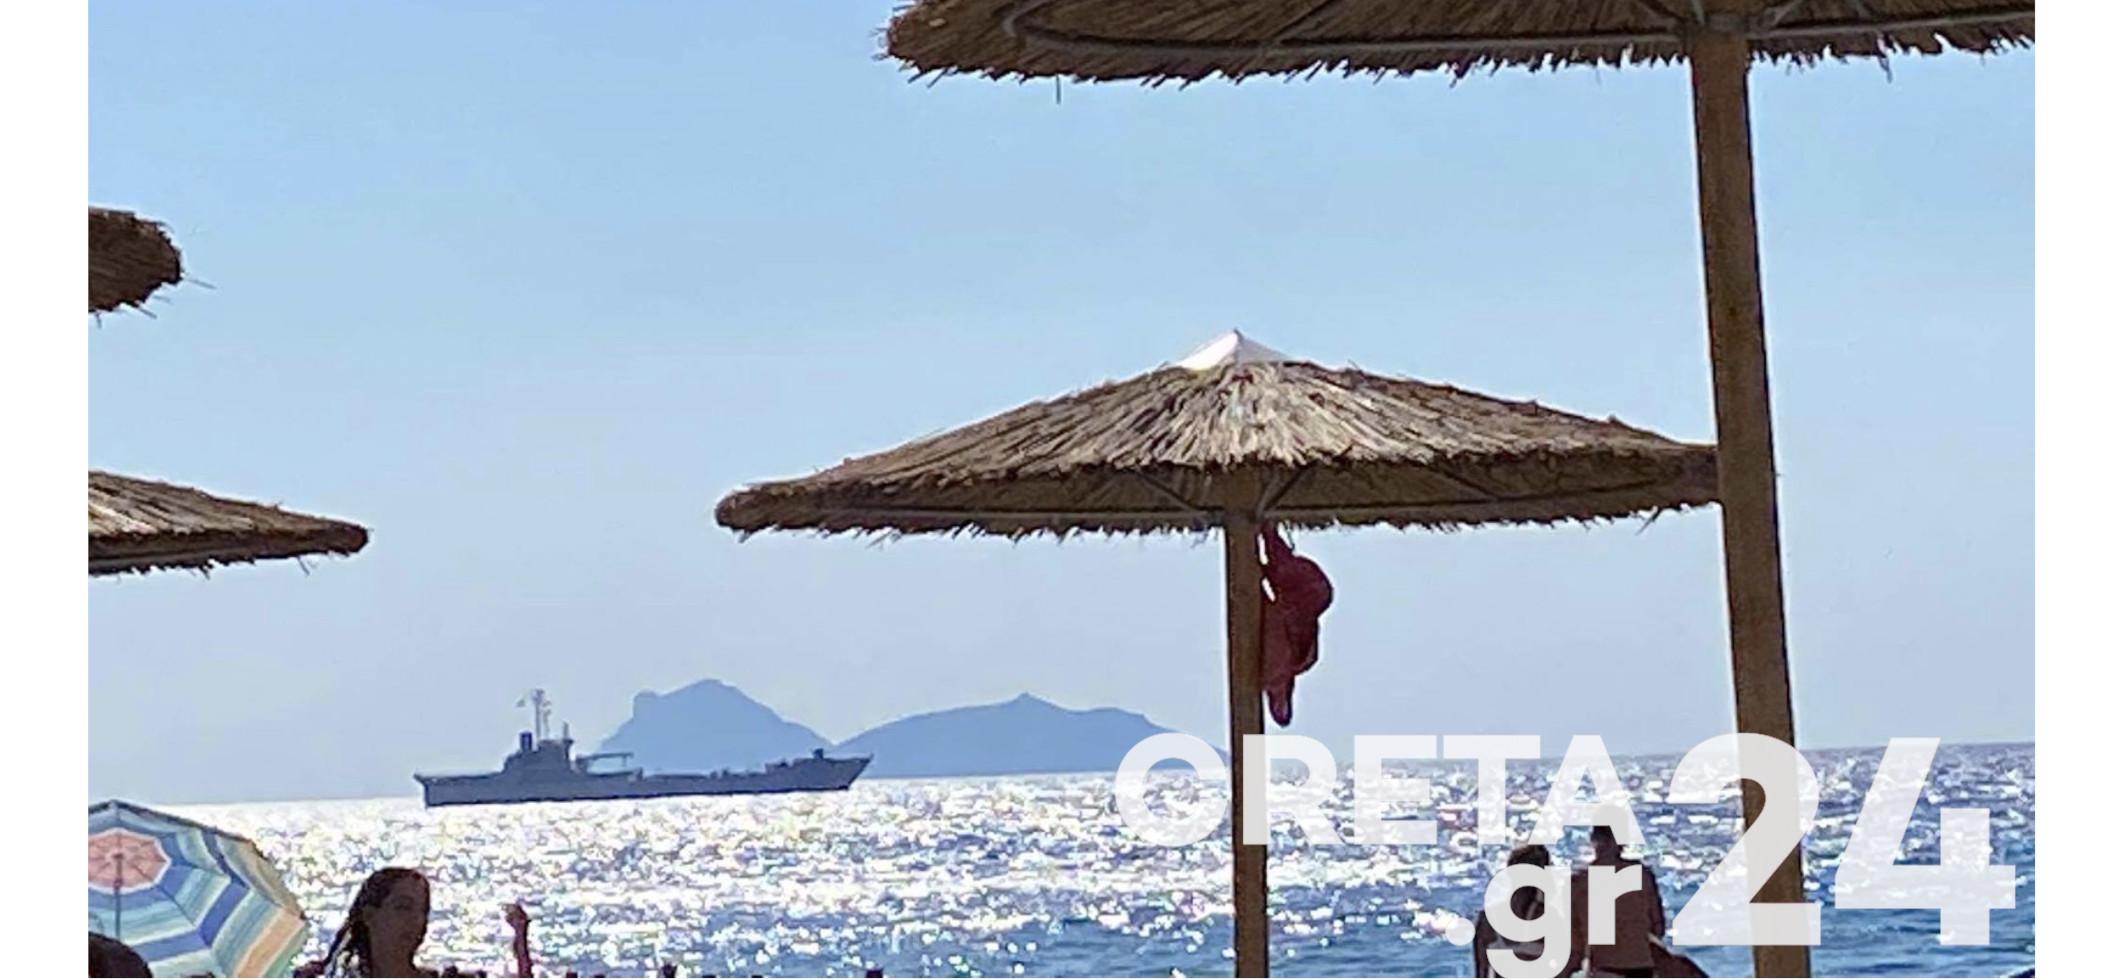 Κρήτη: Δύο πολεμικά πλοία…έβγαλαν τους λουόμενους από τη θάλασσα (εικόνες)